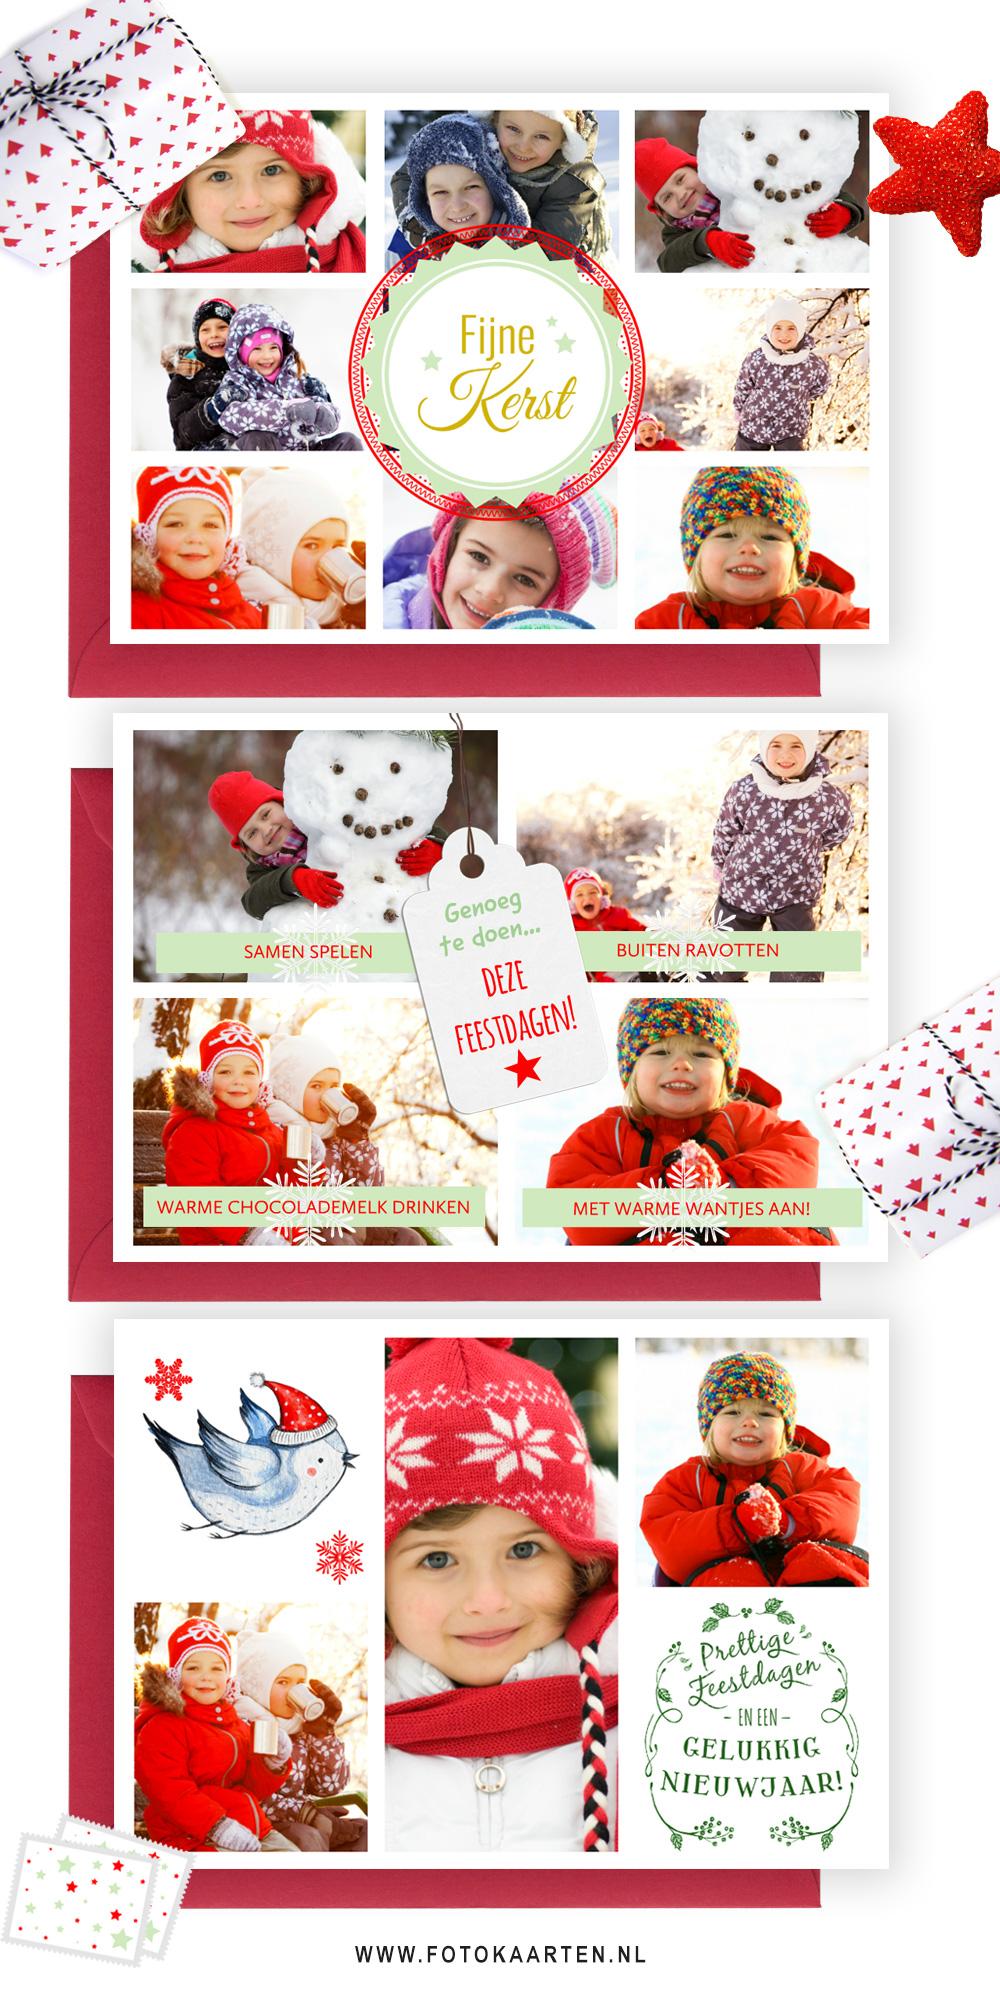 Fotocollage, idee, kerstkaarten laten drukken, leuk idee, mooie kaarten, goedkoop, snel en eenvoudig.